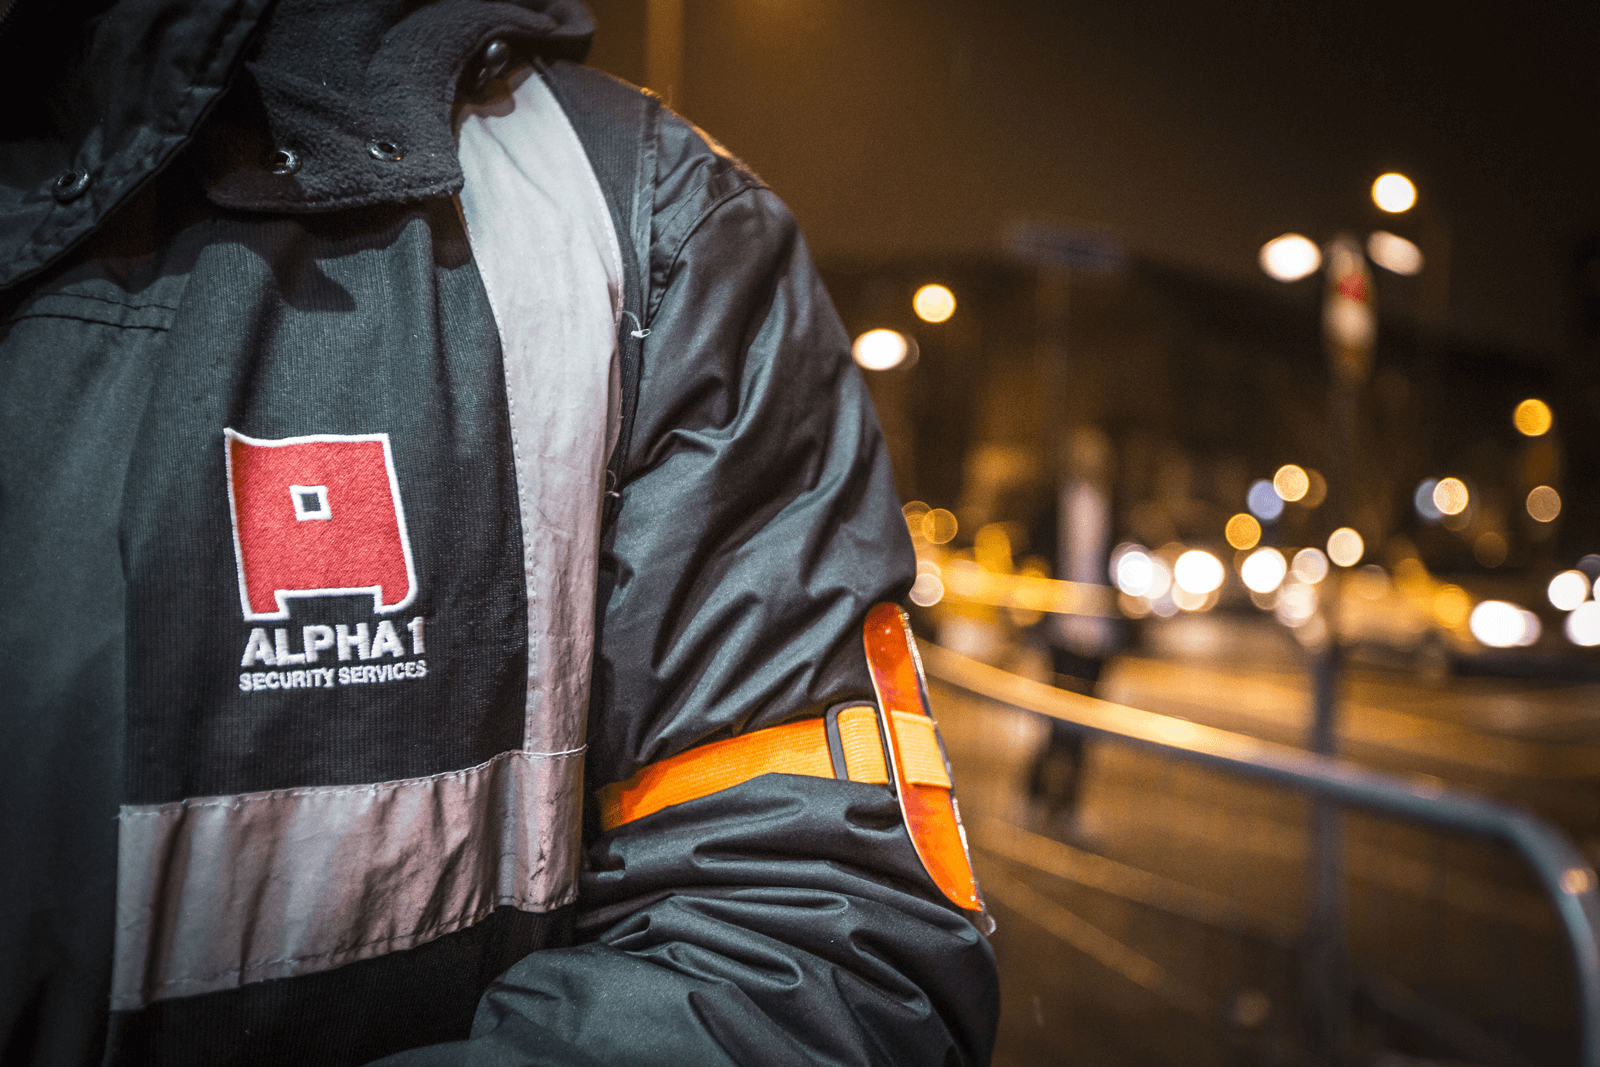 Alpha1 Uniform